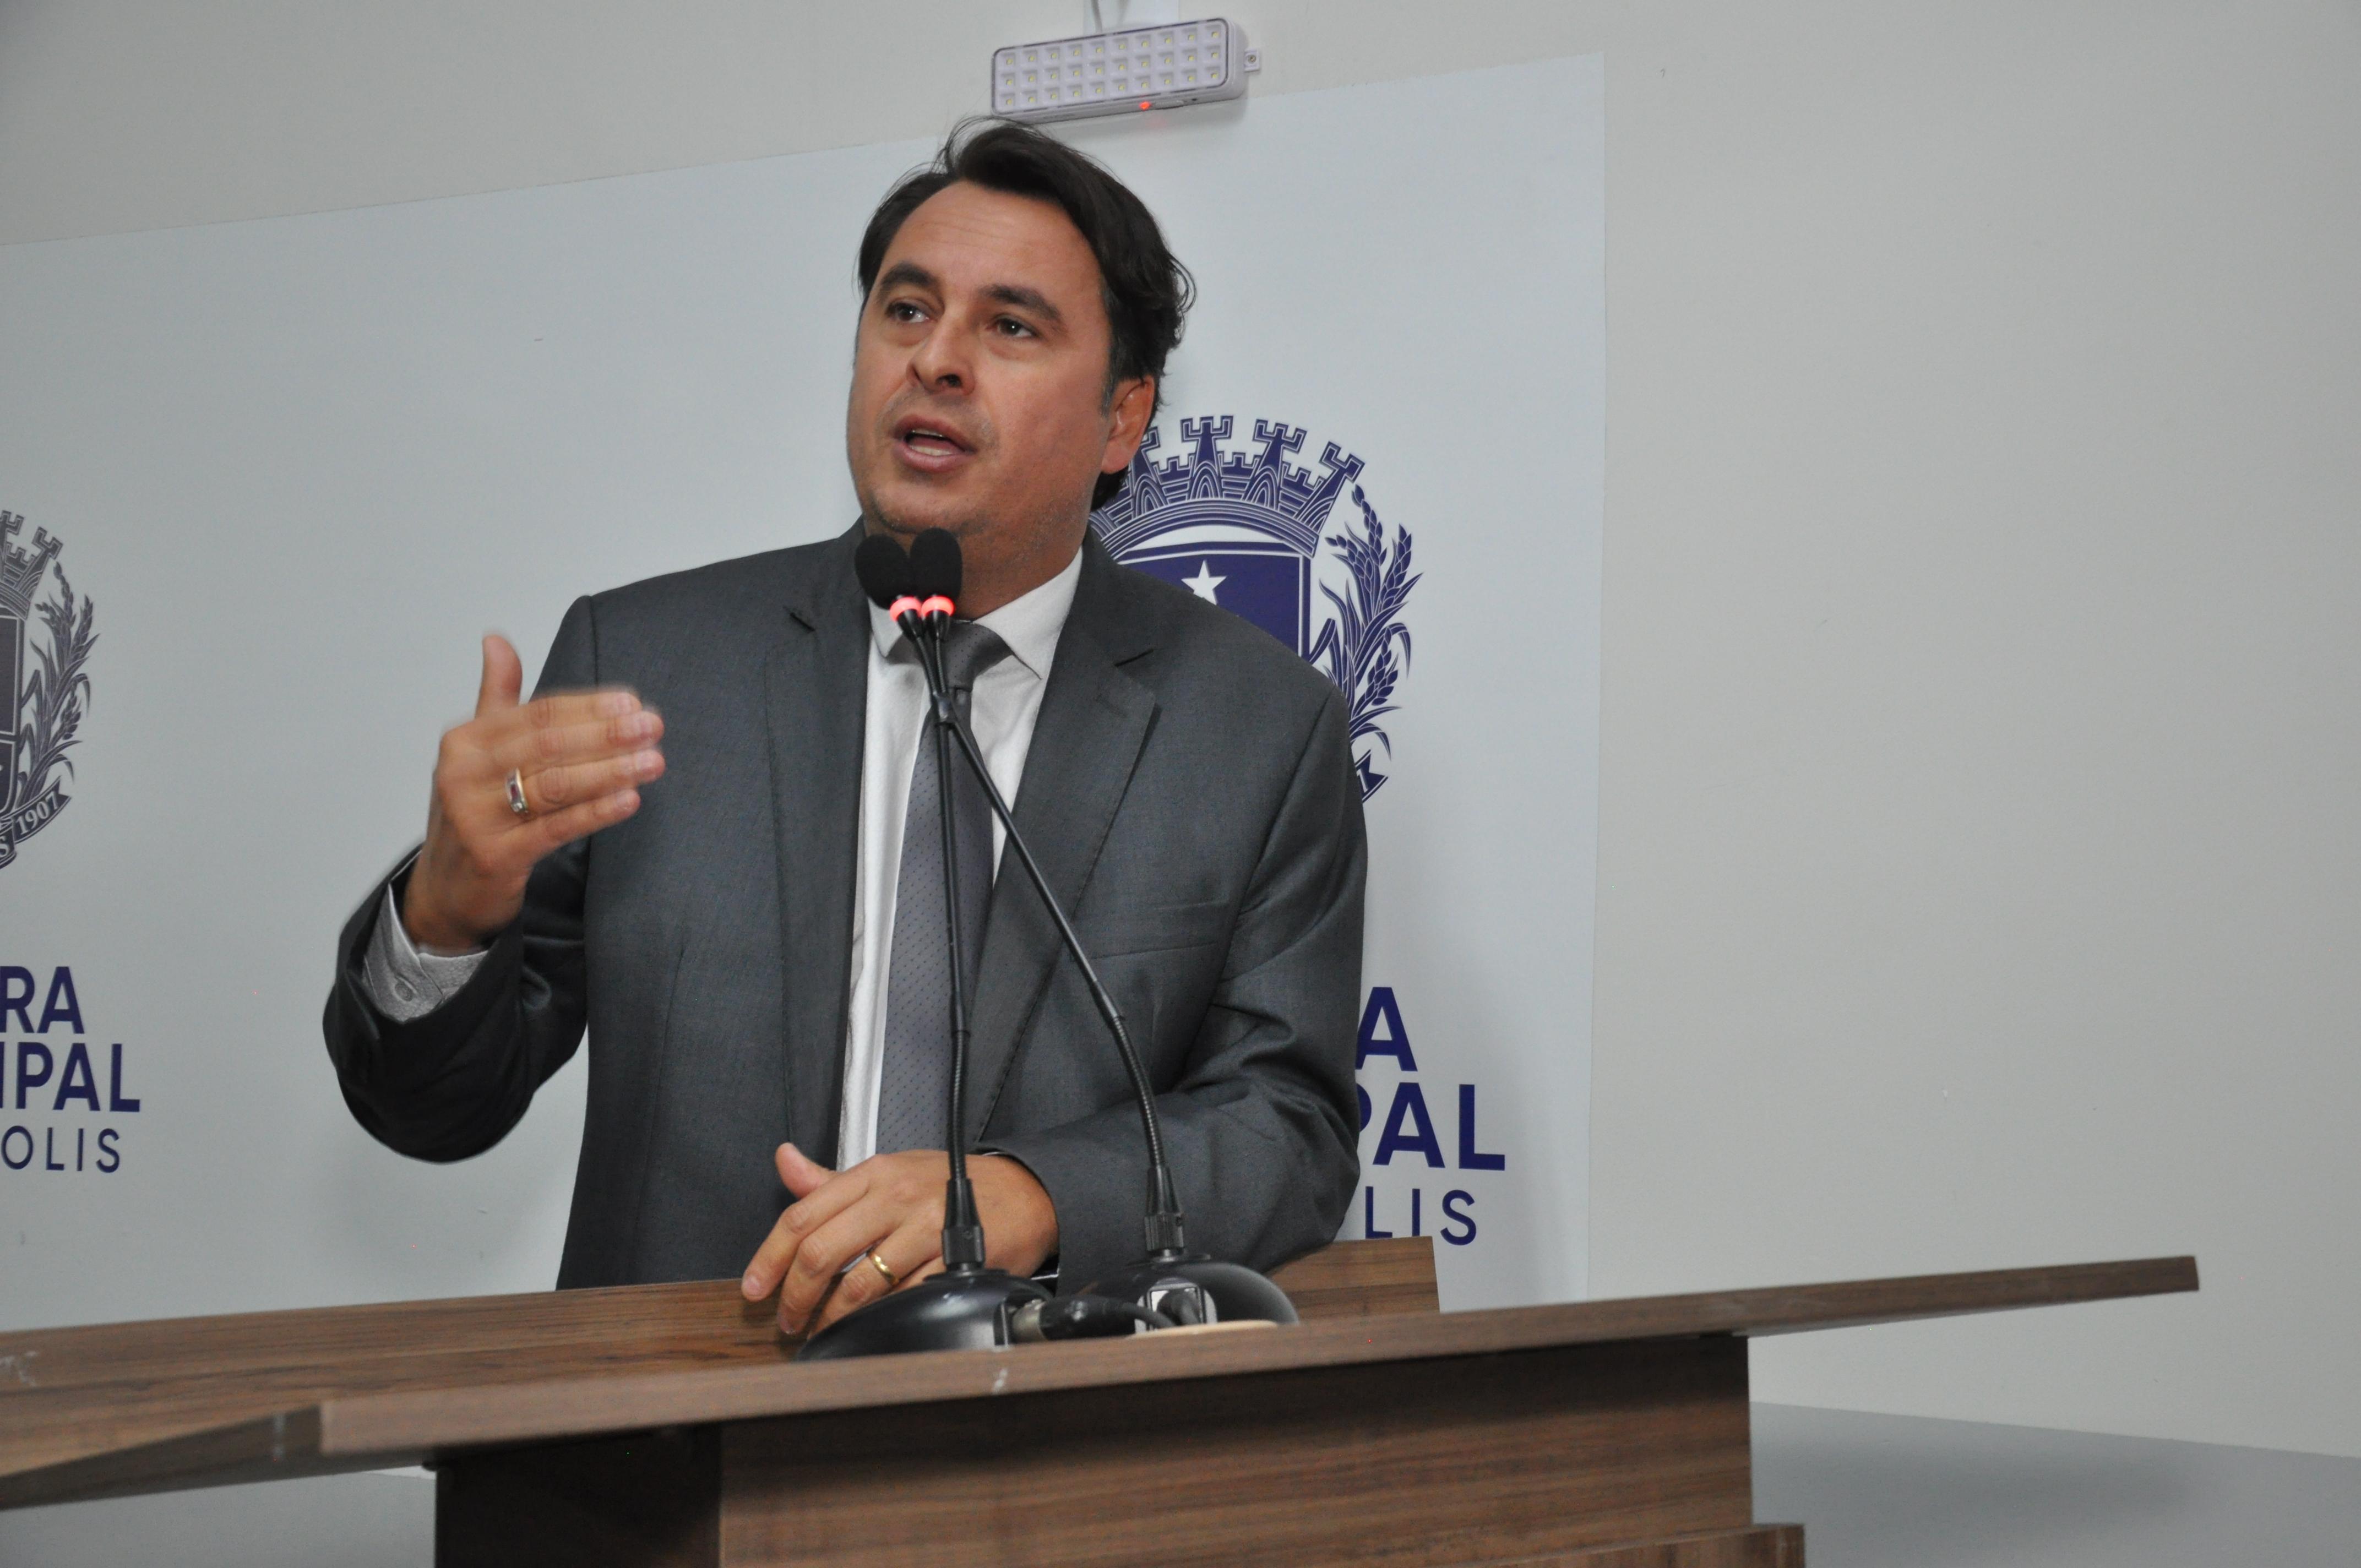 Jean cobra Saneago a respeito da construção da rede de esgoto na região Oeste de Anápolis